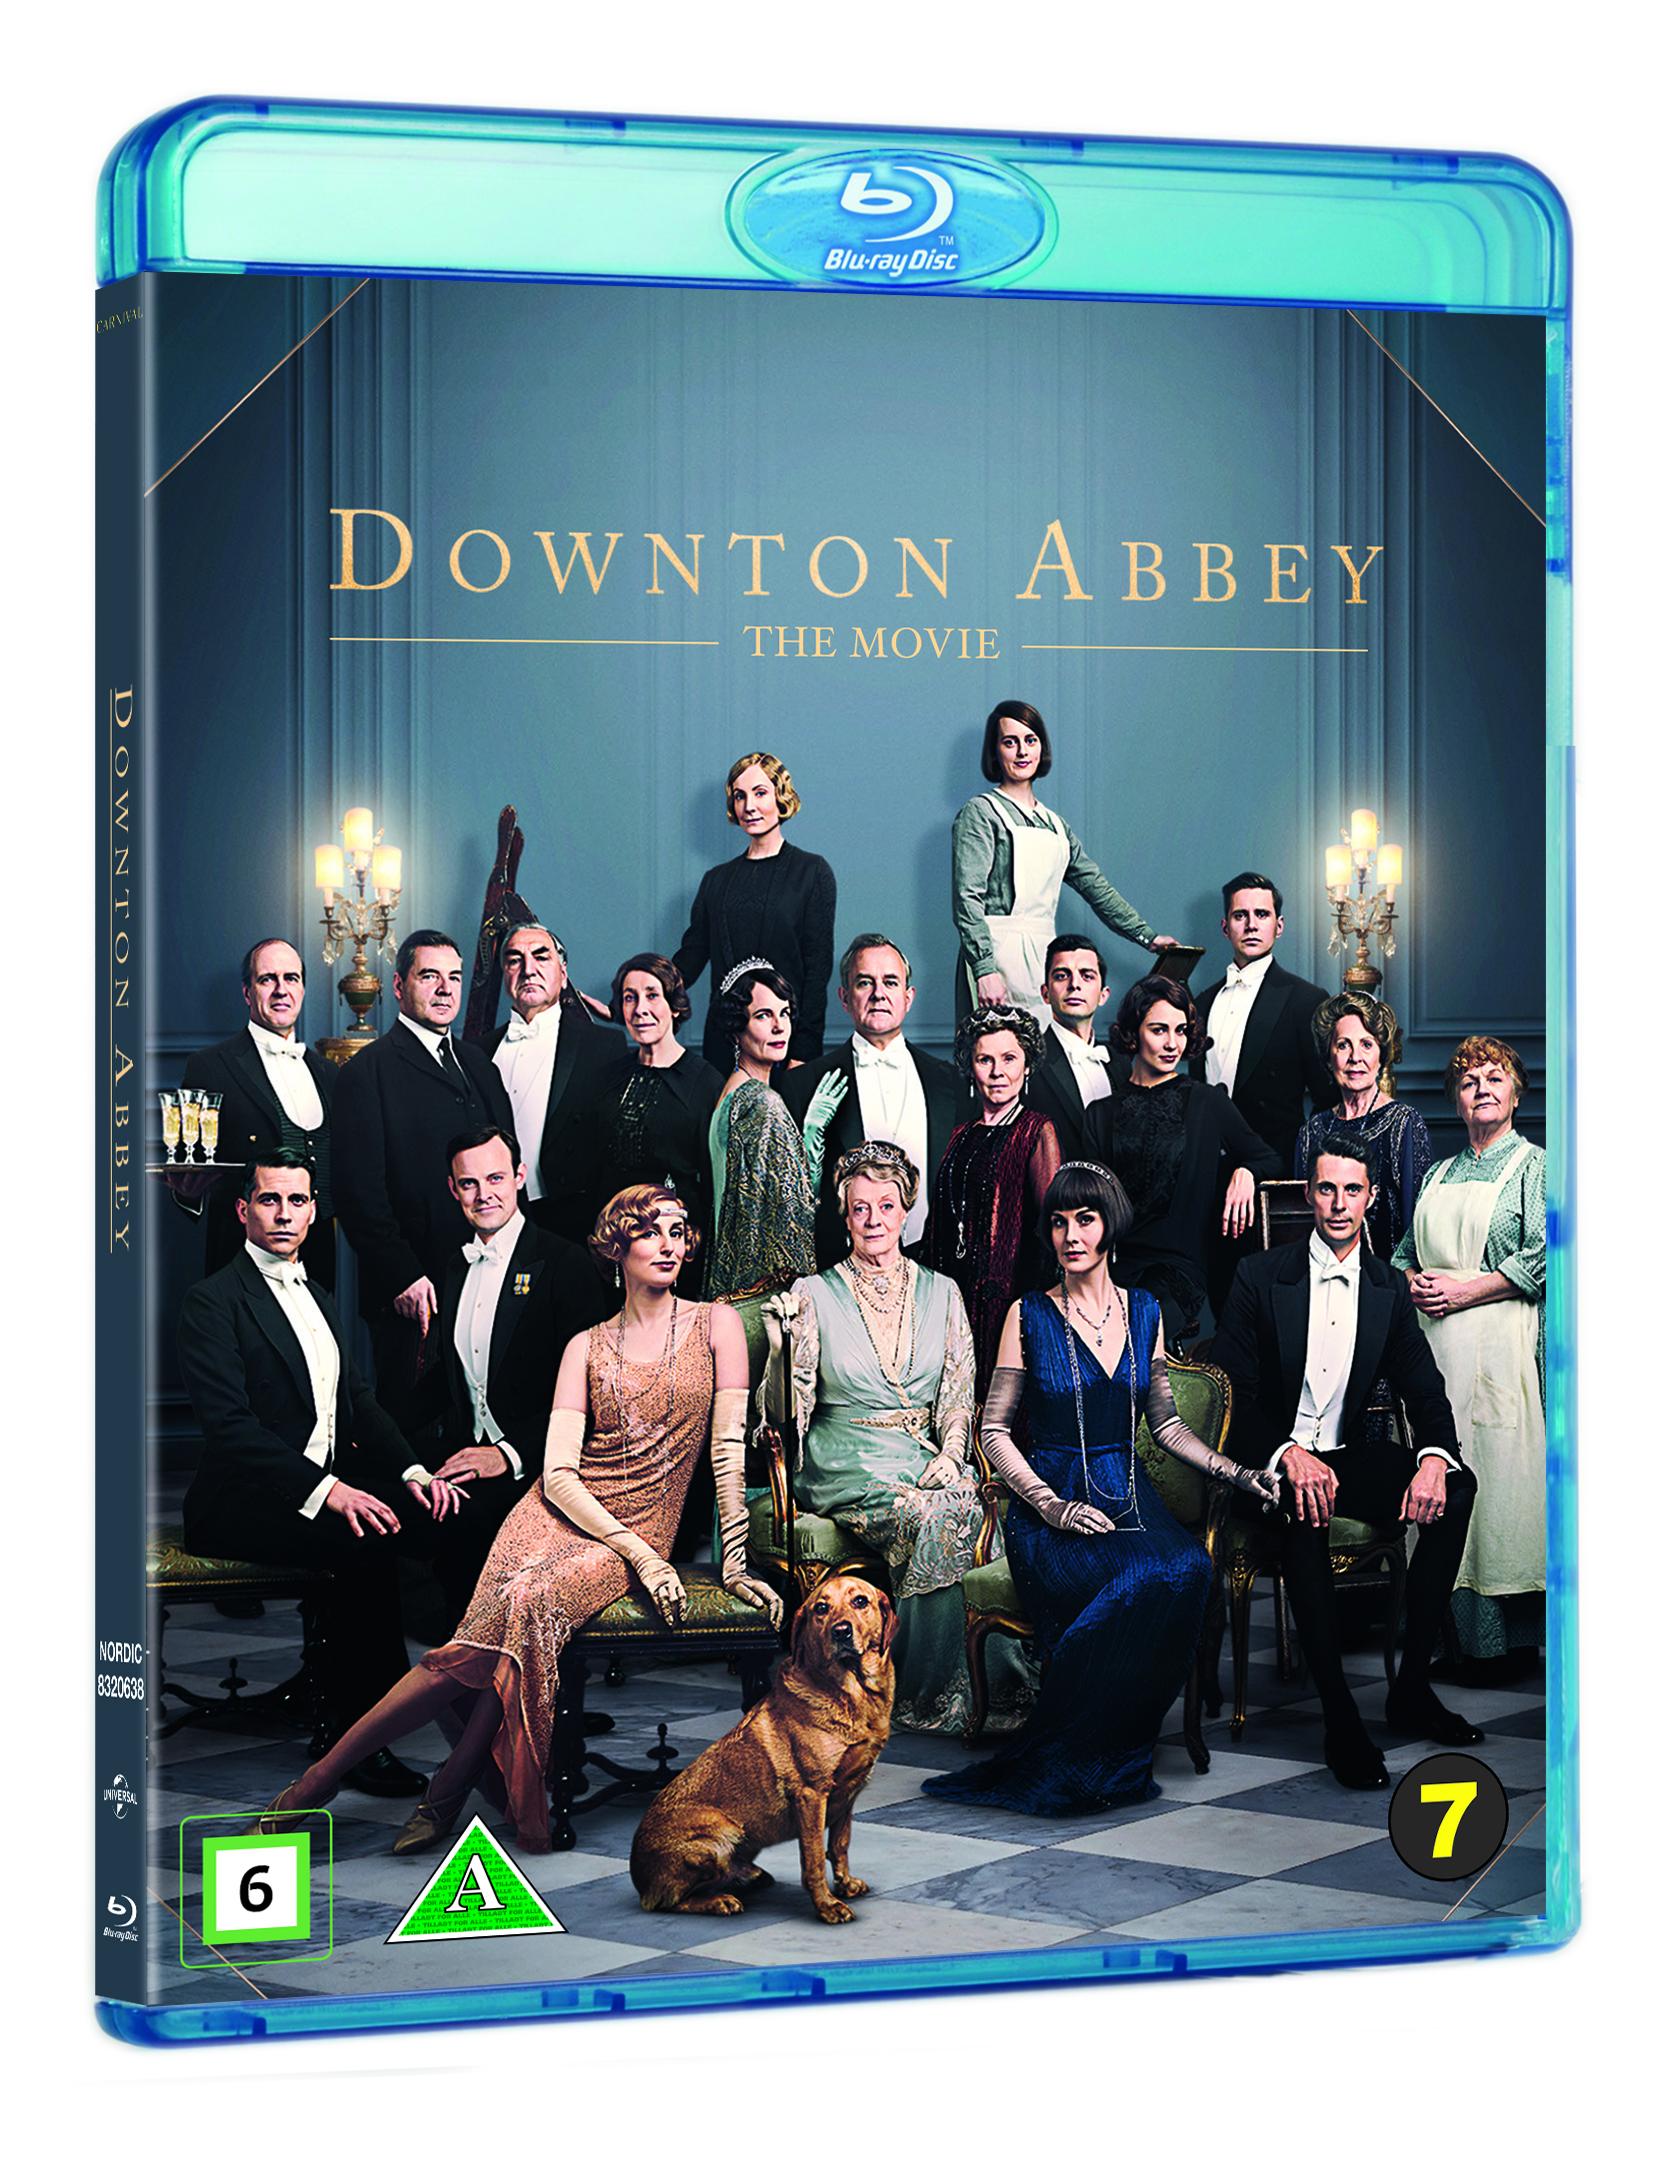 Downton Abbey (2019) - Blu ray